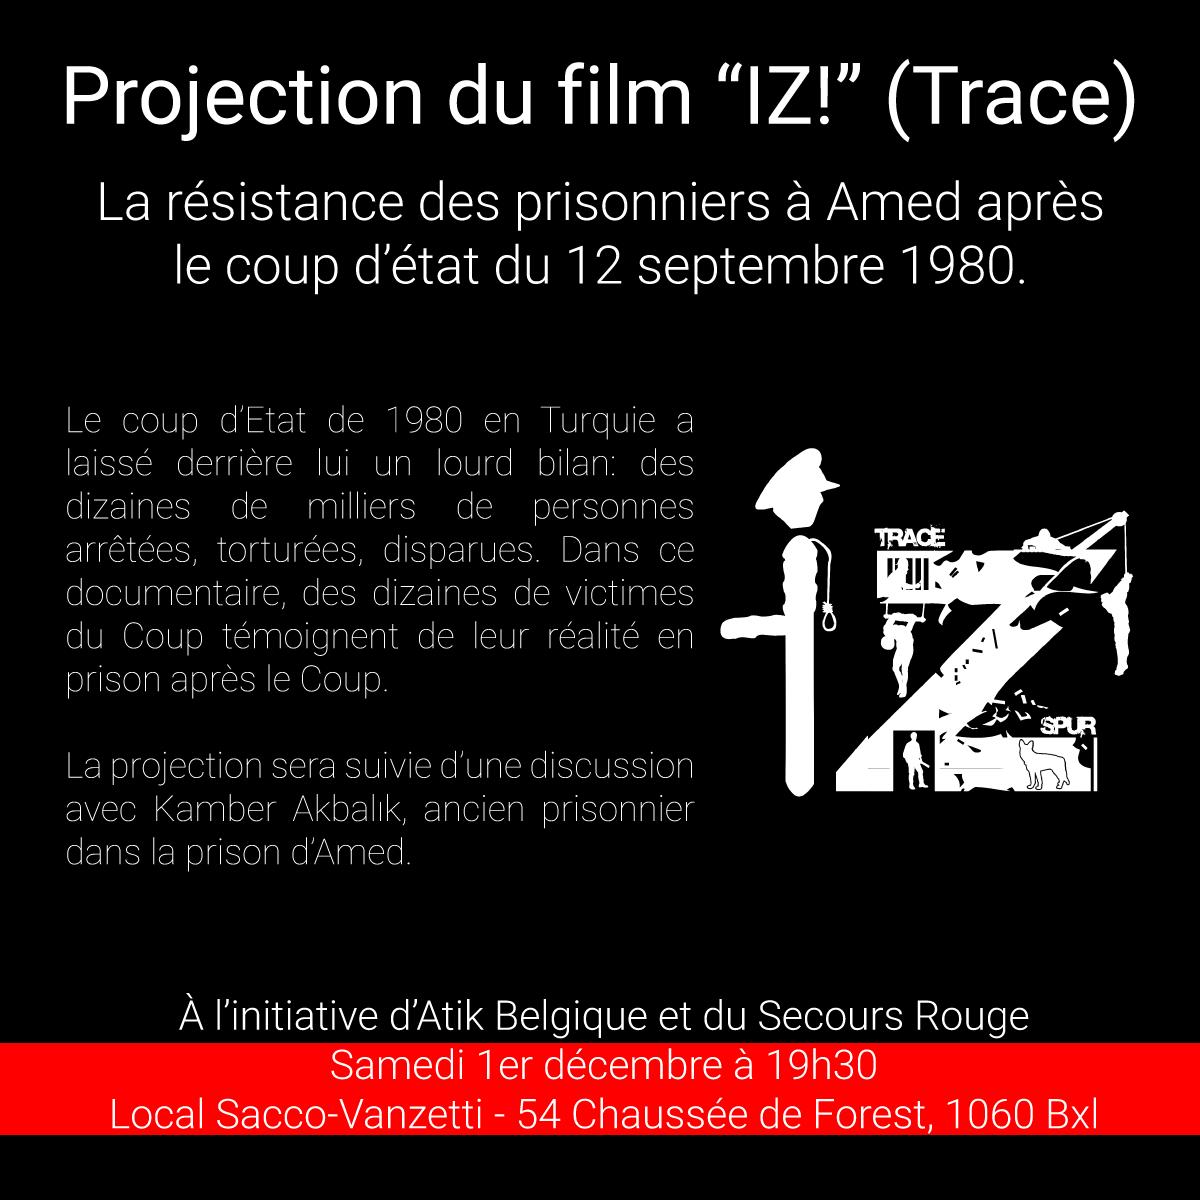 Projection de